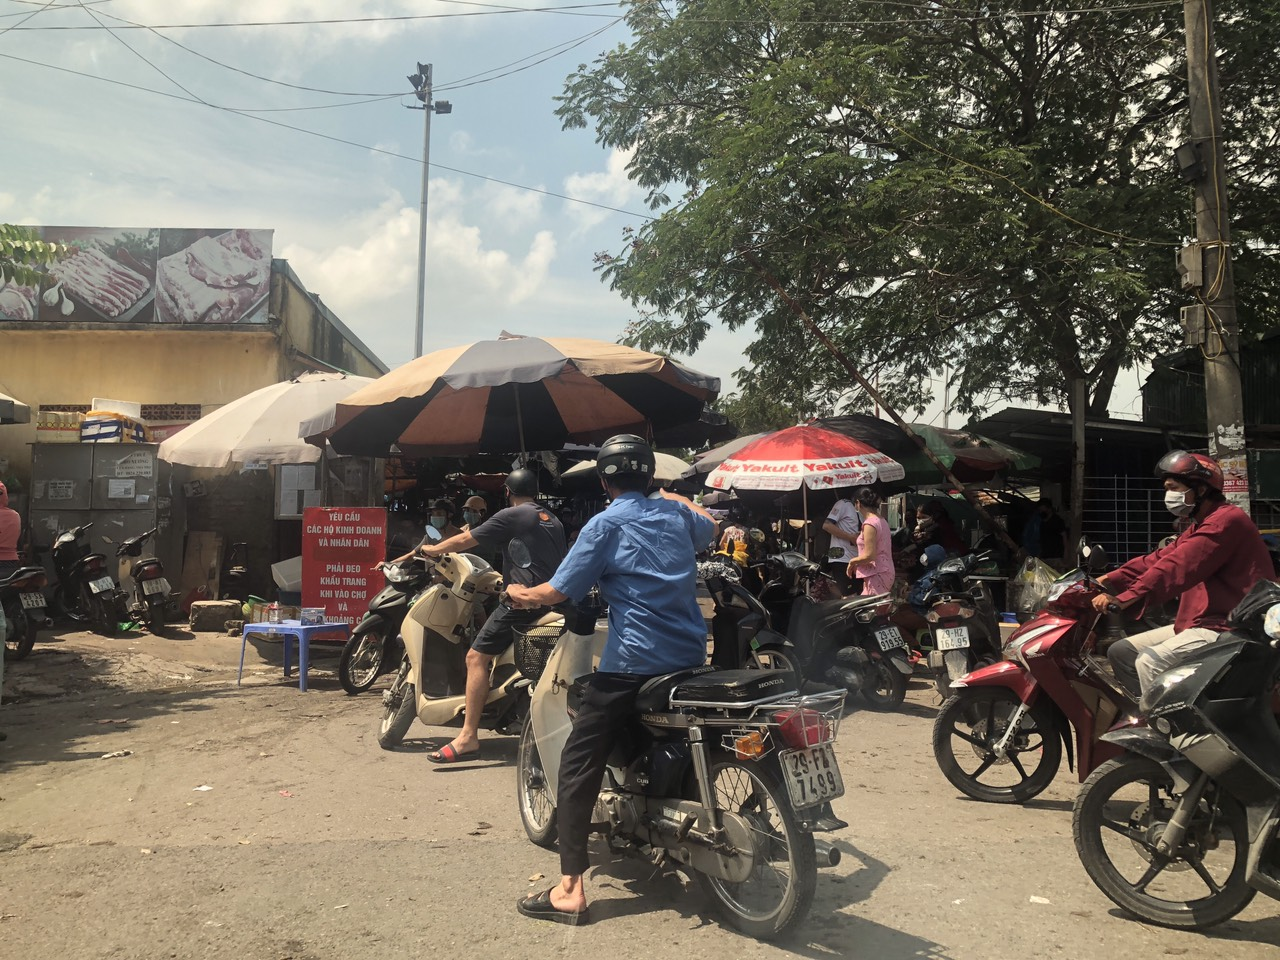 Một số chợ dân sinh, vẫn đông người mua, tuy nhiên theo ghi nhận, tâm lý người mua cũng không quá nặng nề về tích trữ đồ ăn -Chợ Đền Lừ 10:25.Theo ghi nhận CTV tại quận Hoàng Mai